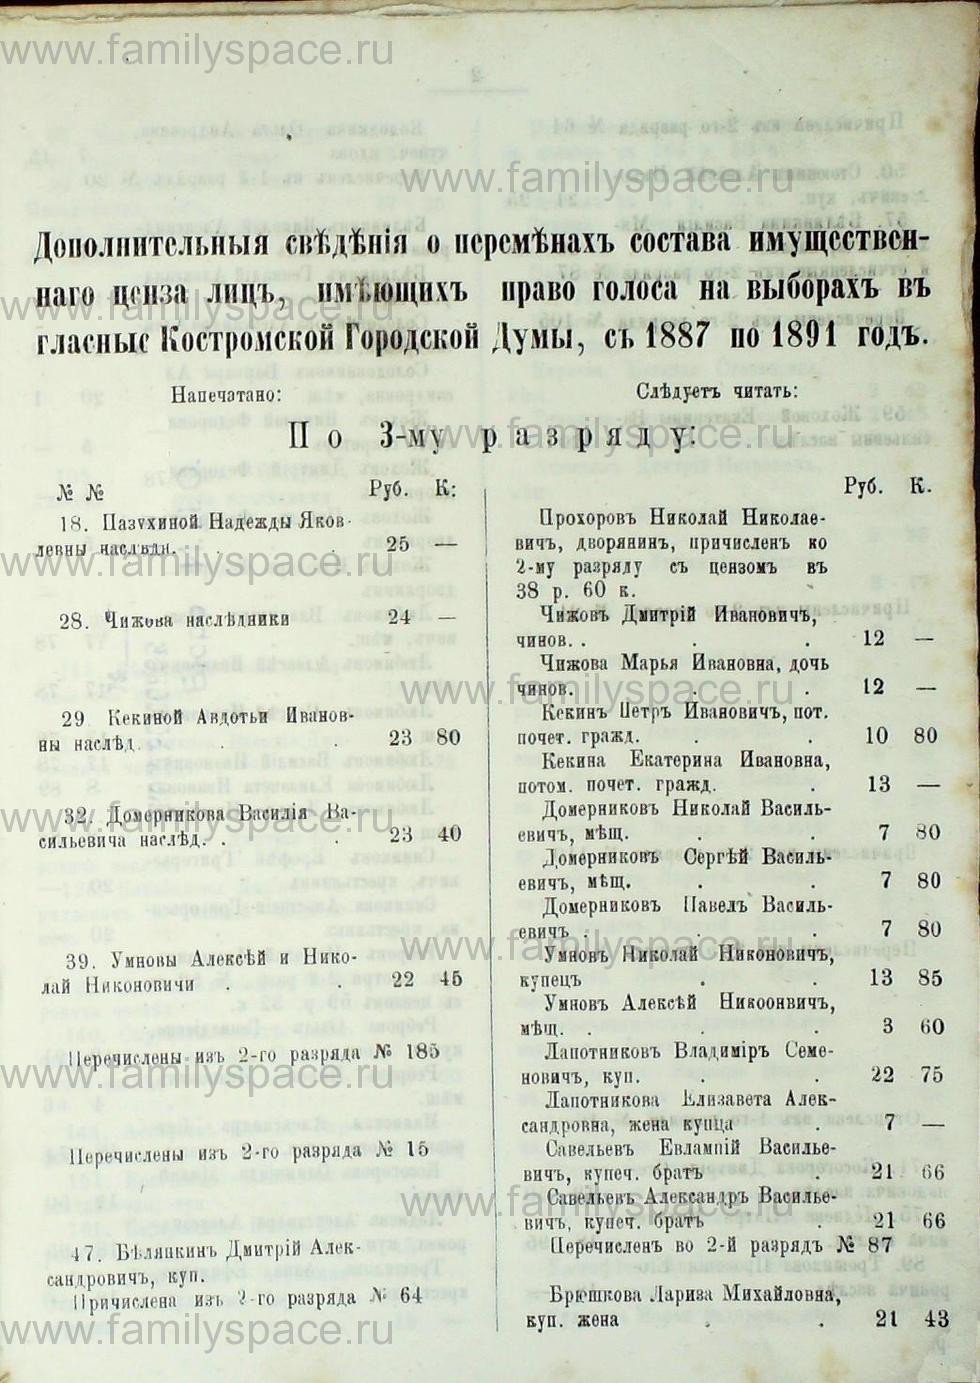 Поиск по фамилии - Список лиц, имеющих право голоса на выборах в гласные Костромской городской думы с 1887 по 1891 г , страница 2